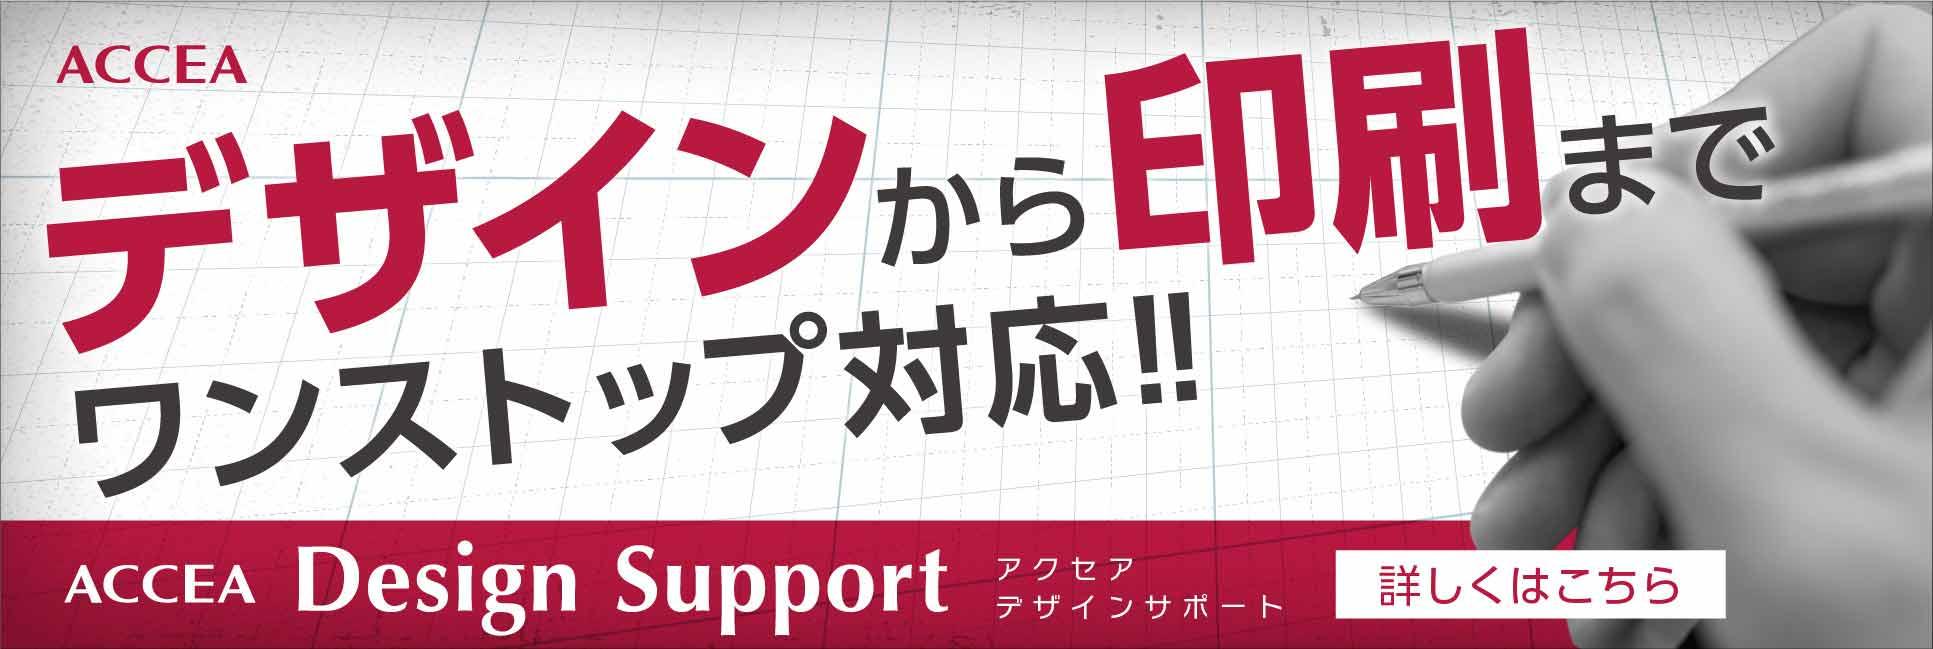 デザインサポート サービス